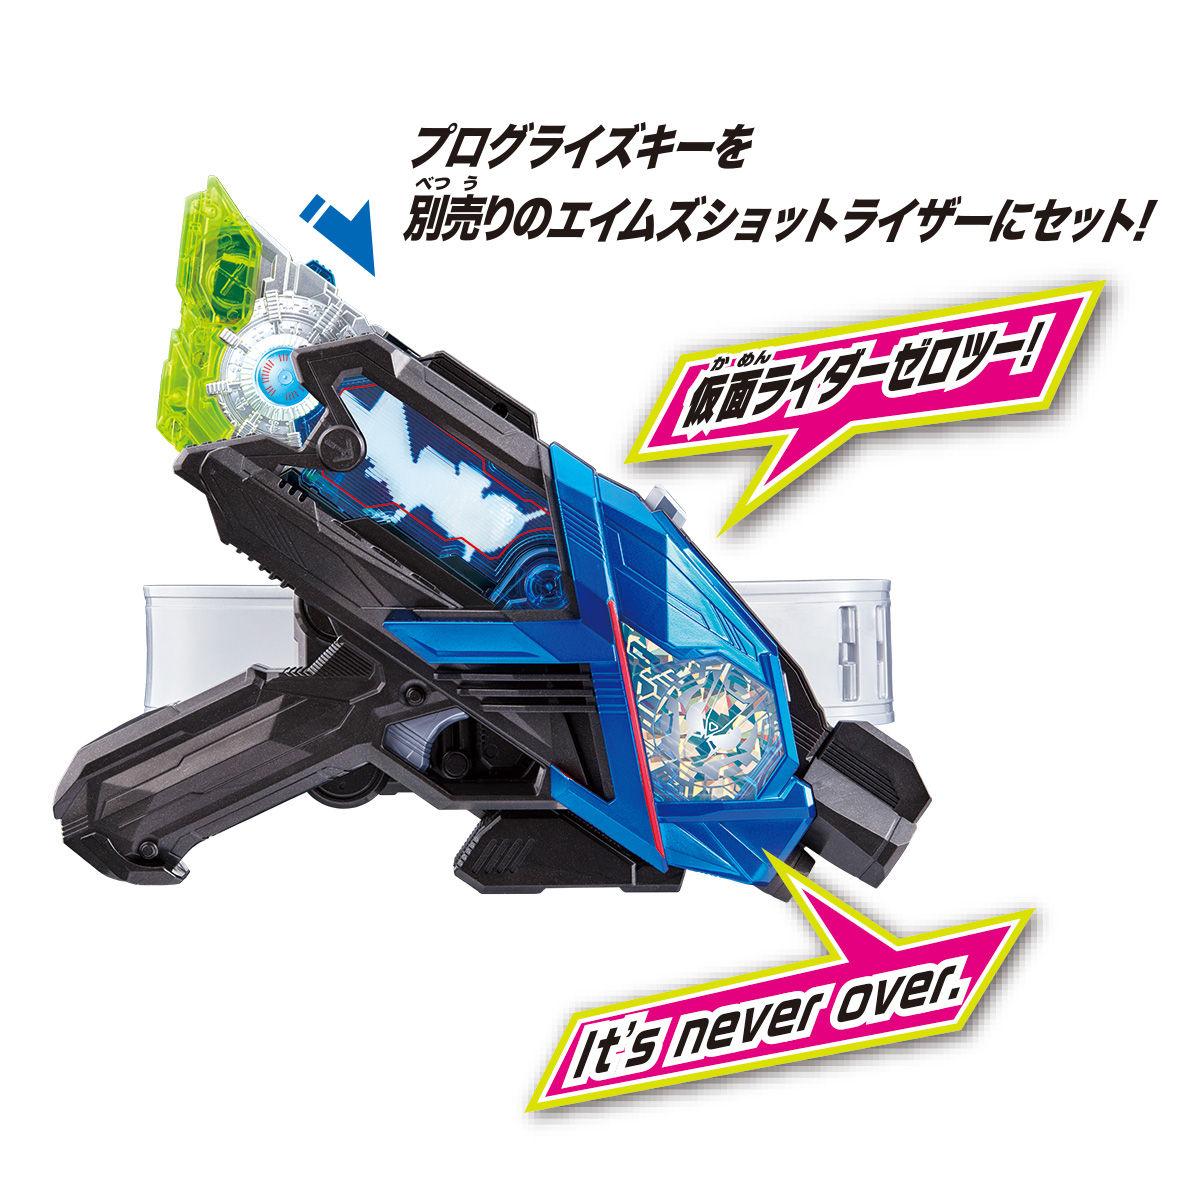 変身ベルト『DXゼロツープログライズキー&ゼロツードライバーユニット』変身なりきり-008